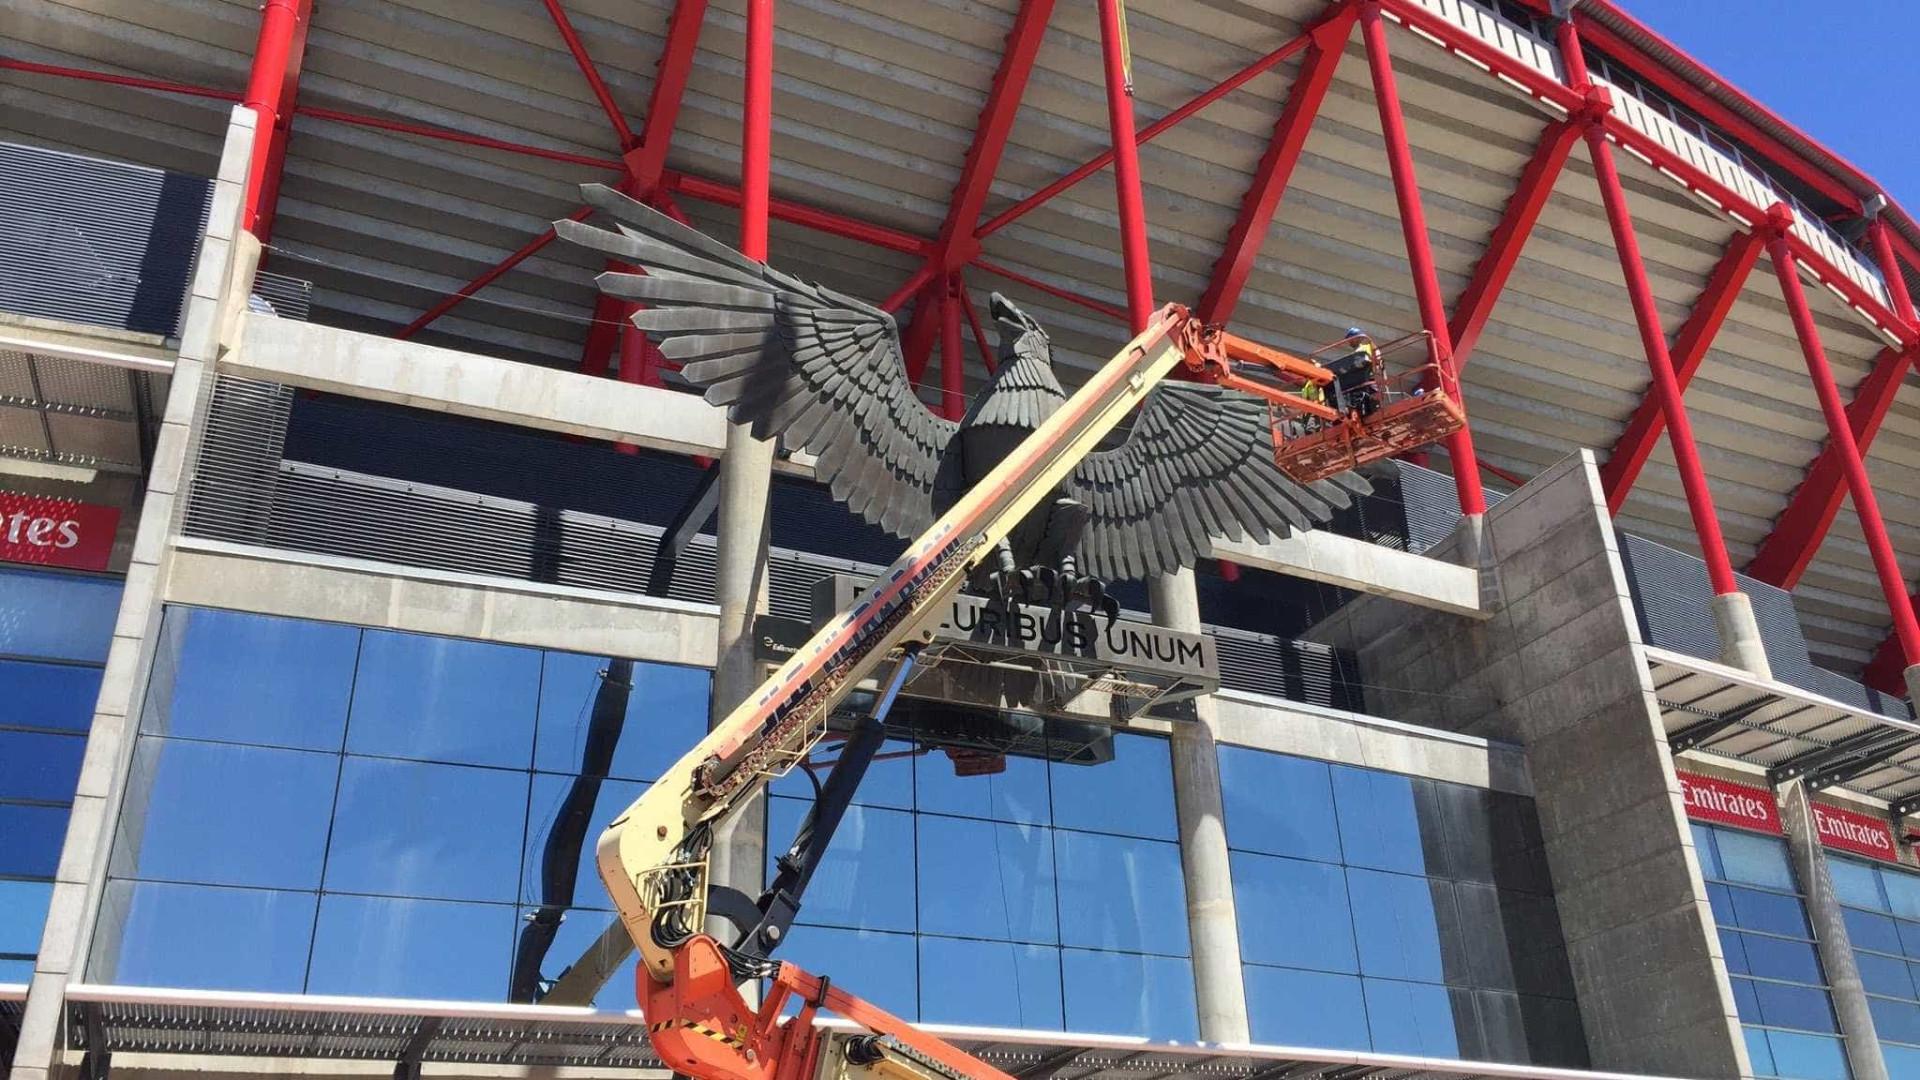 Ações do Benfica disparam 6% com notícias sobre saída de Rui Vitória